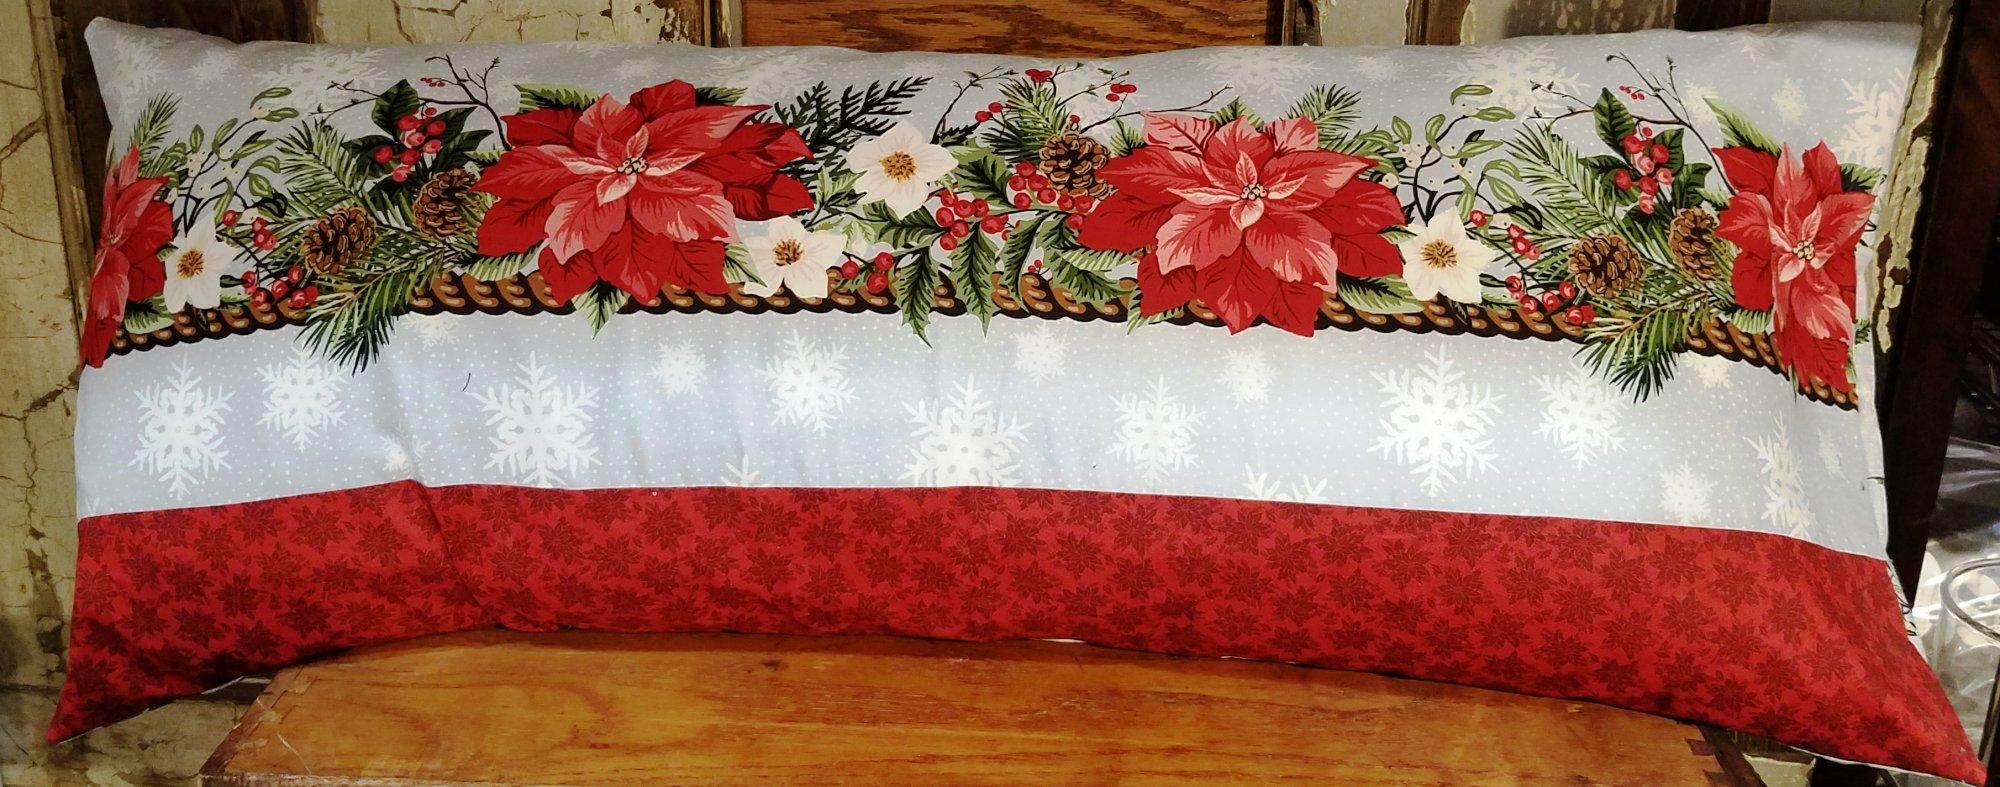 Bench Pillow Kit - Christmas Poinsettia